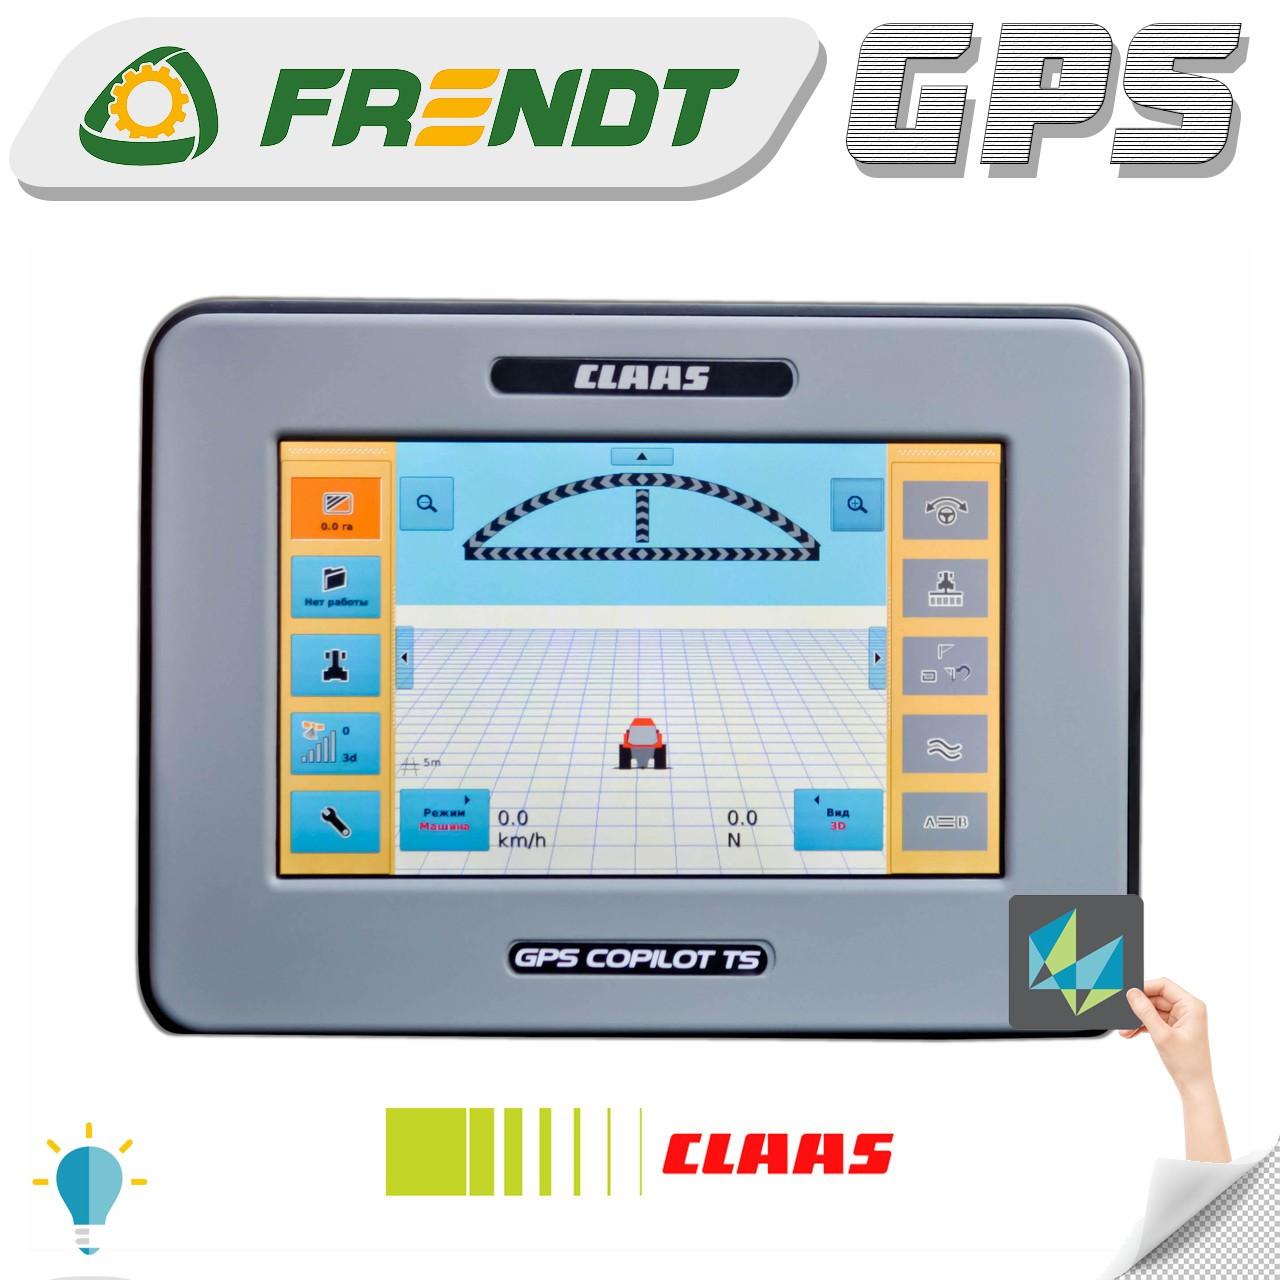 Gps навігатор для трактора (навігатор для поля, сільгосп навігатор) CLAAS gps copilot TS